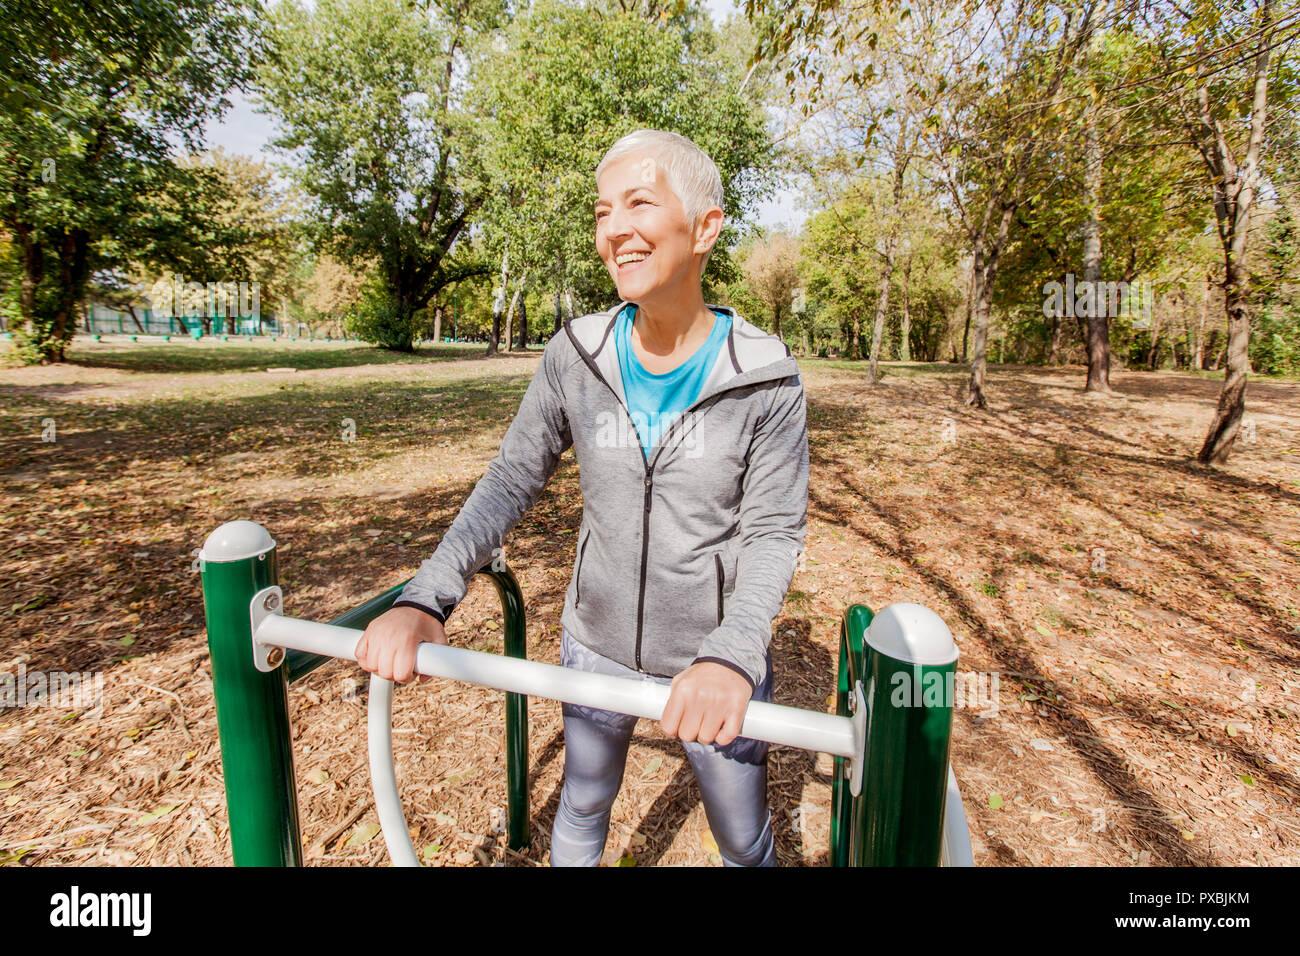 Vieille Femme dans l'exercice de sports de vêtements de plein air au parc de remise en forme, les modes de vie des personnes mûres. Banque D'Images